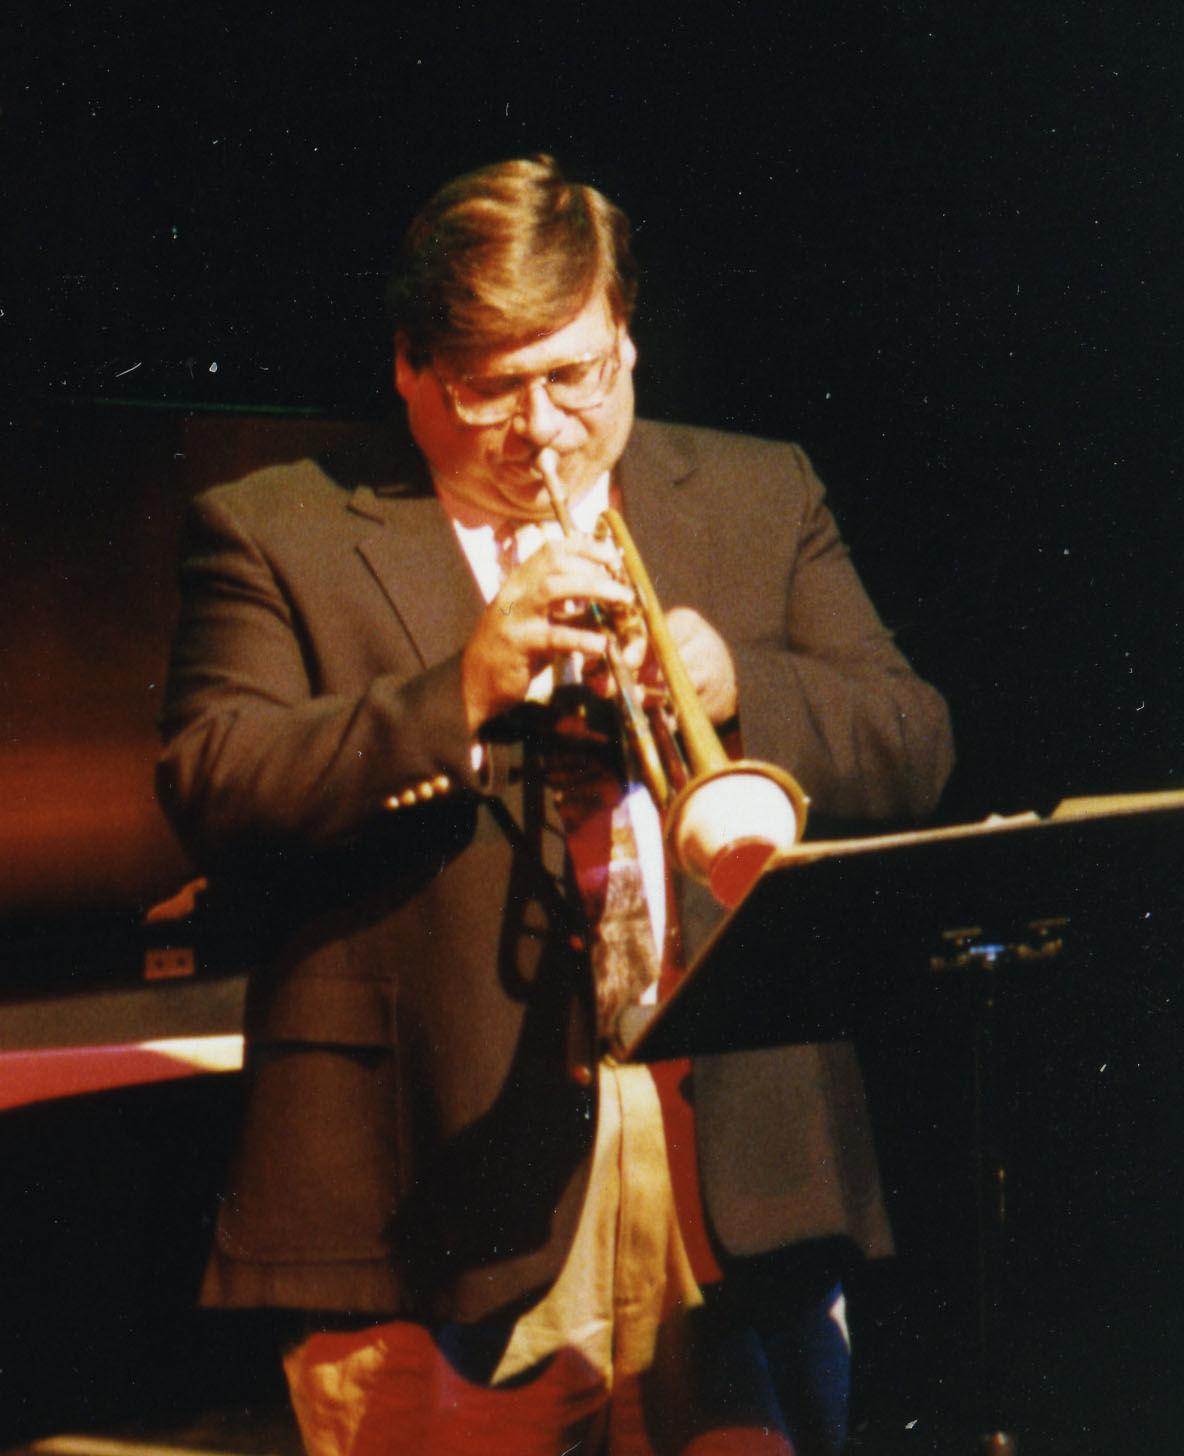 Dave Hibbard